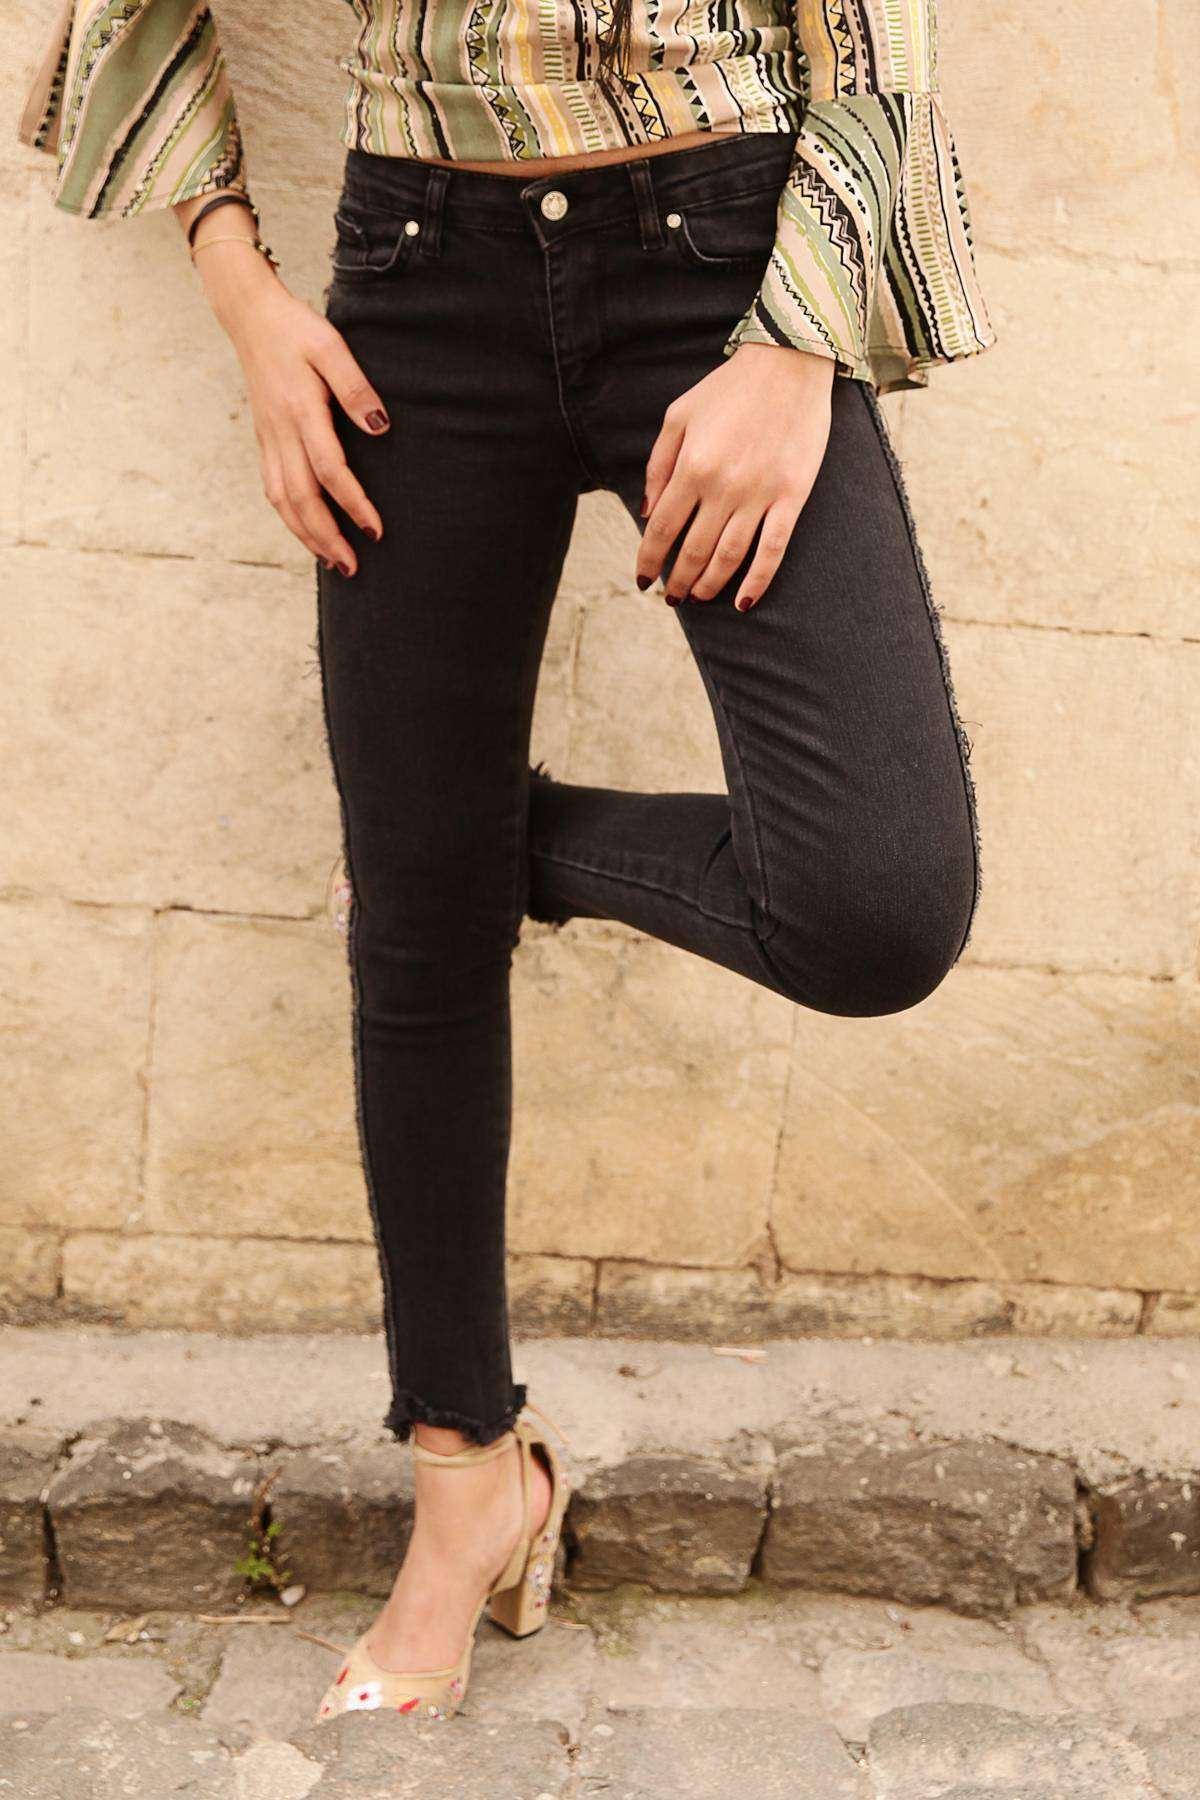 Yanları Detaylı Kirli Paçalı Kot Pantolon Siyah